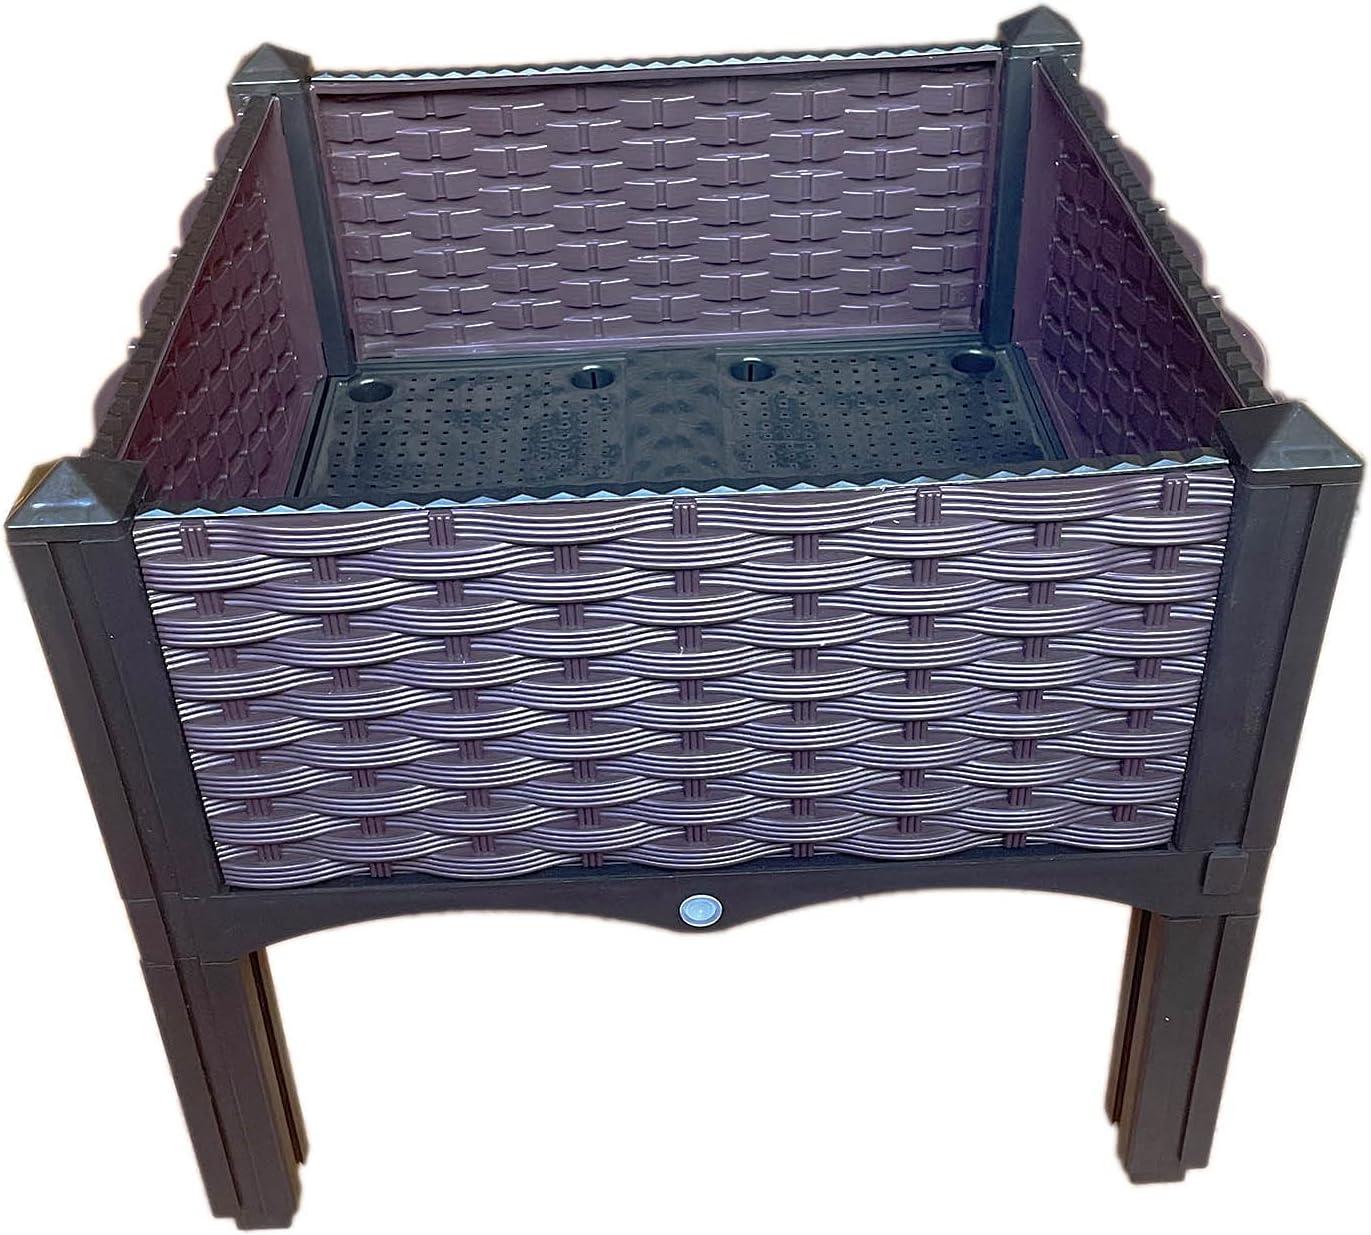 Plastic Raised Garden Bed, Planter Kit (Set of 4)